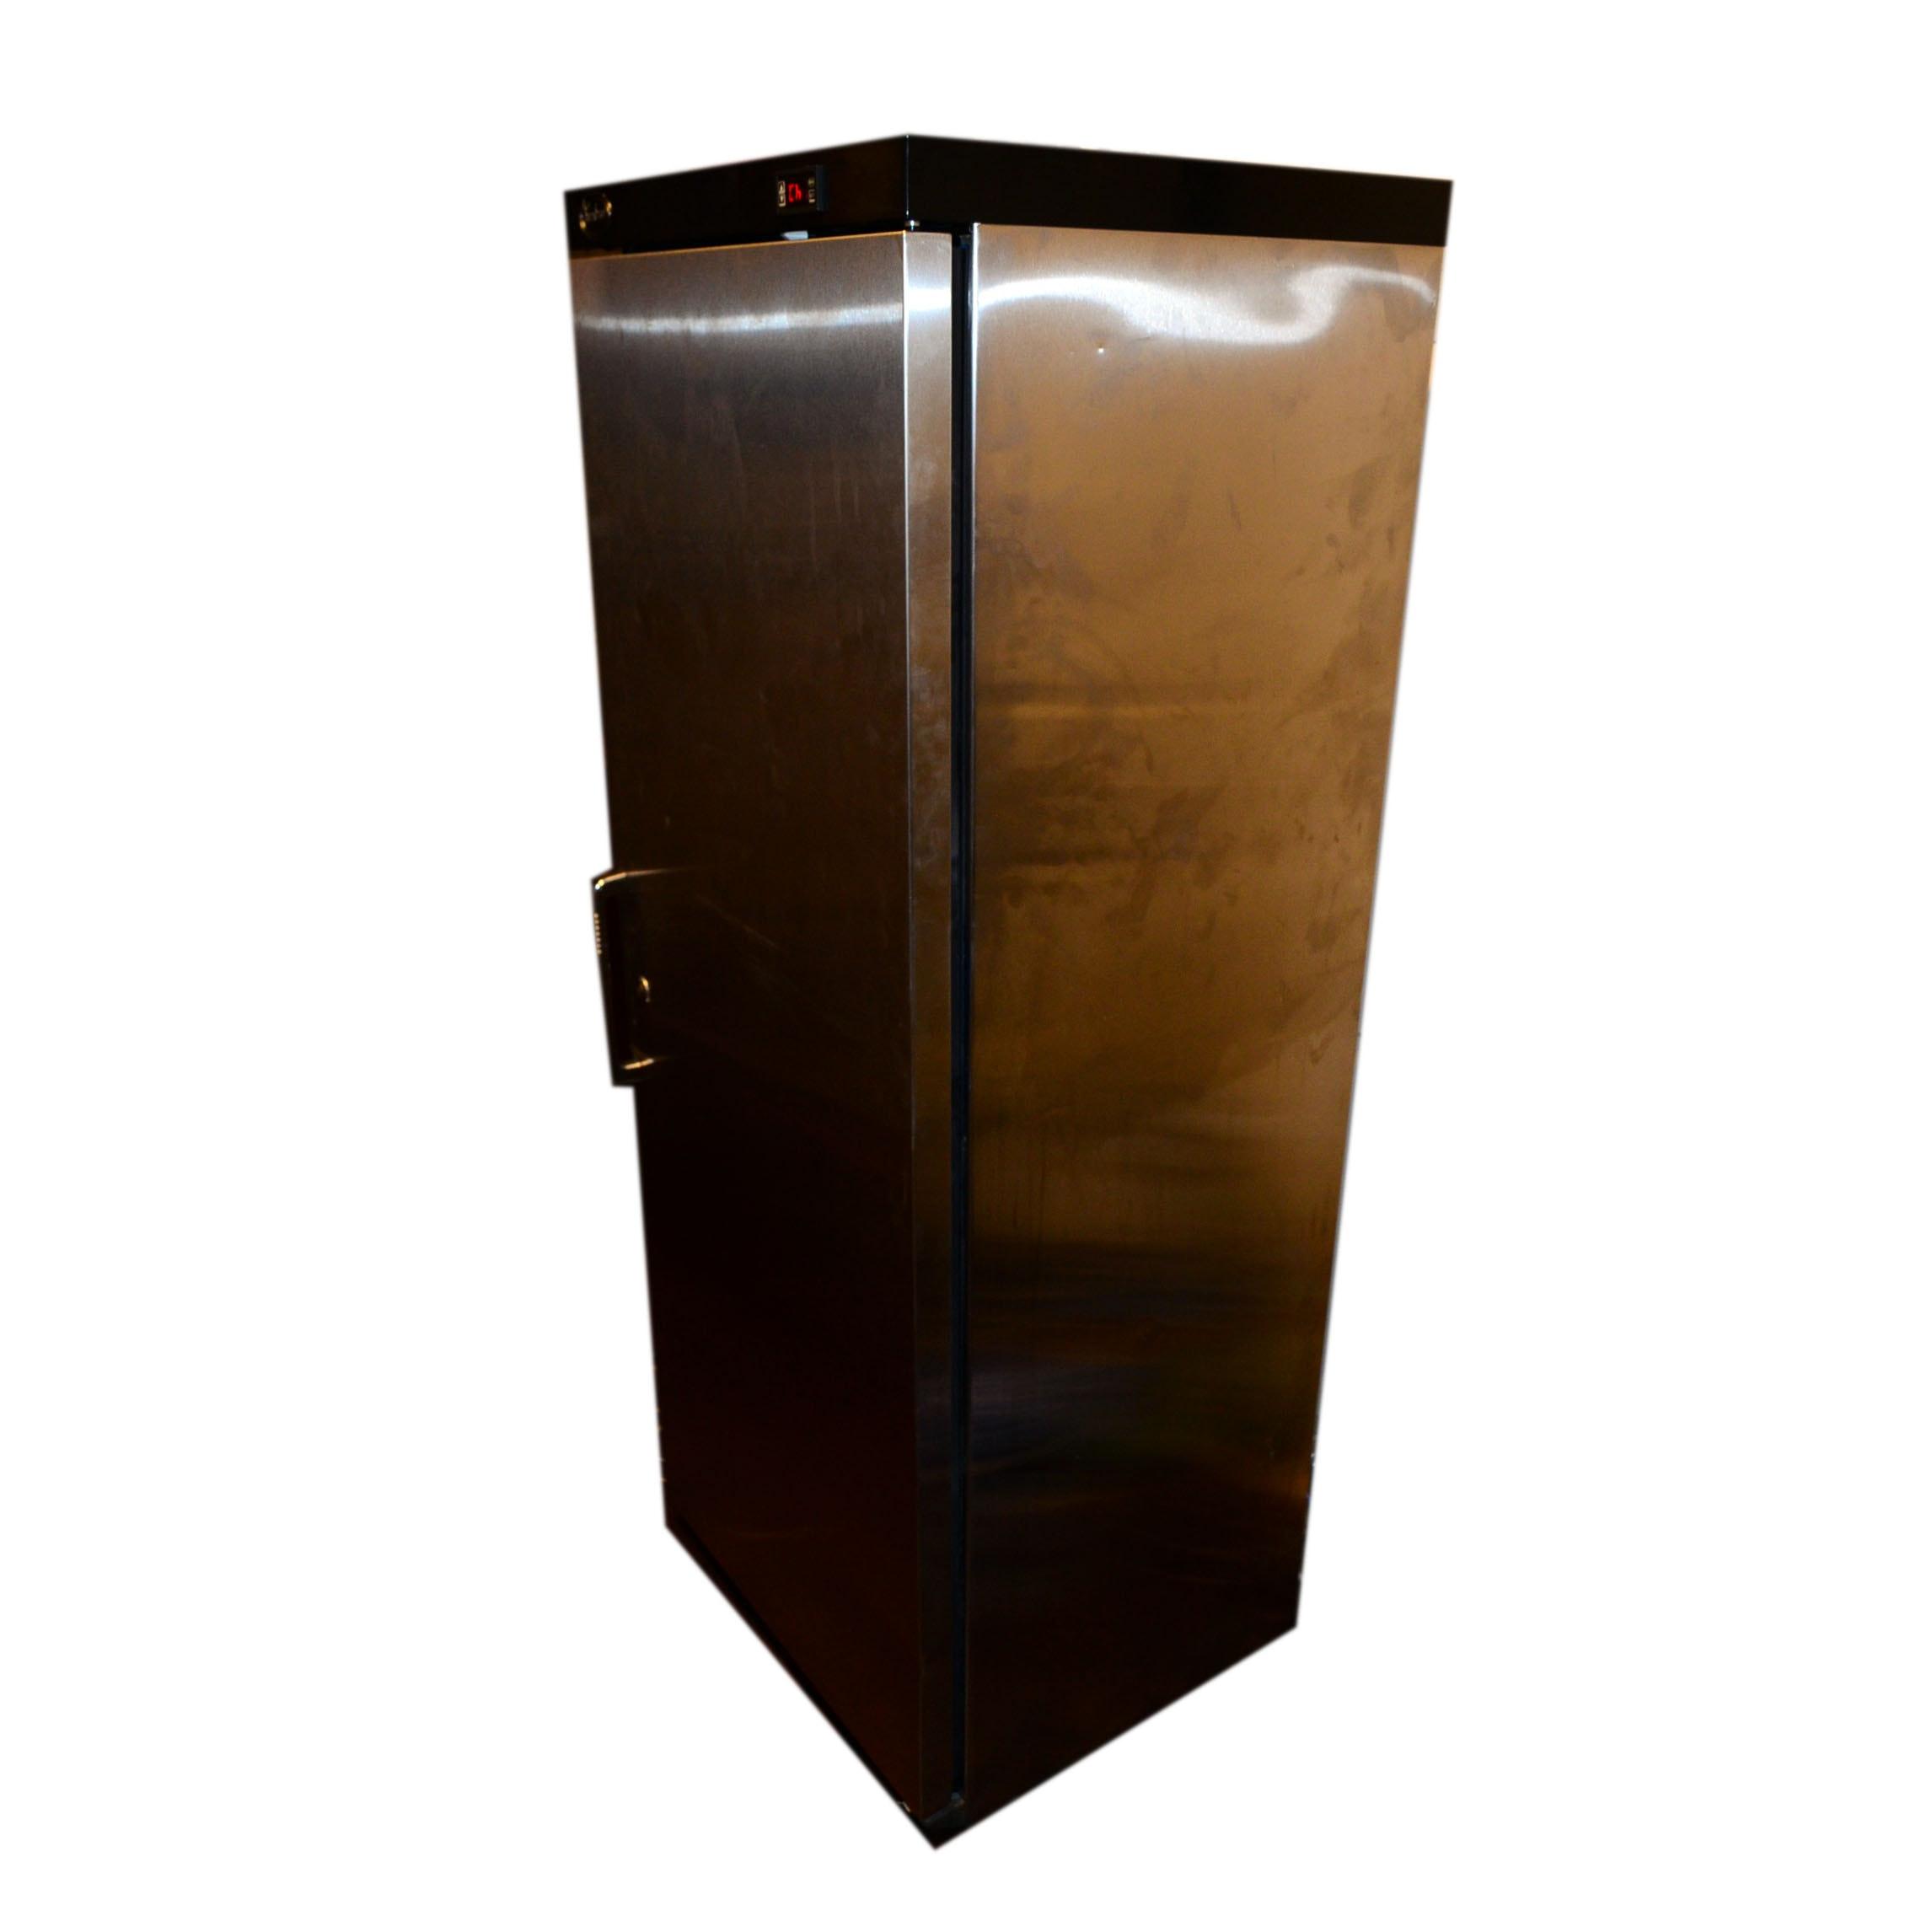 Chambrair Wine Storage Refrigerator Ebth